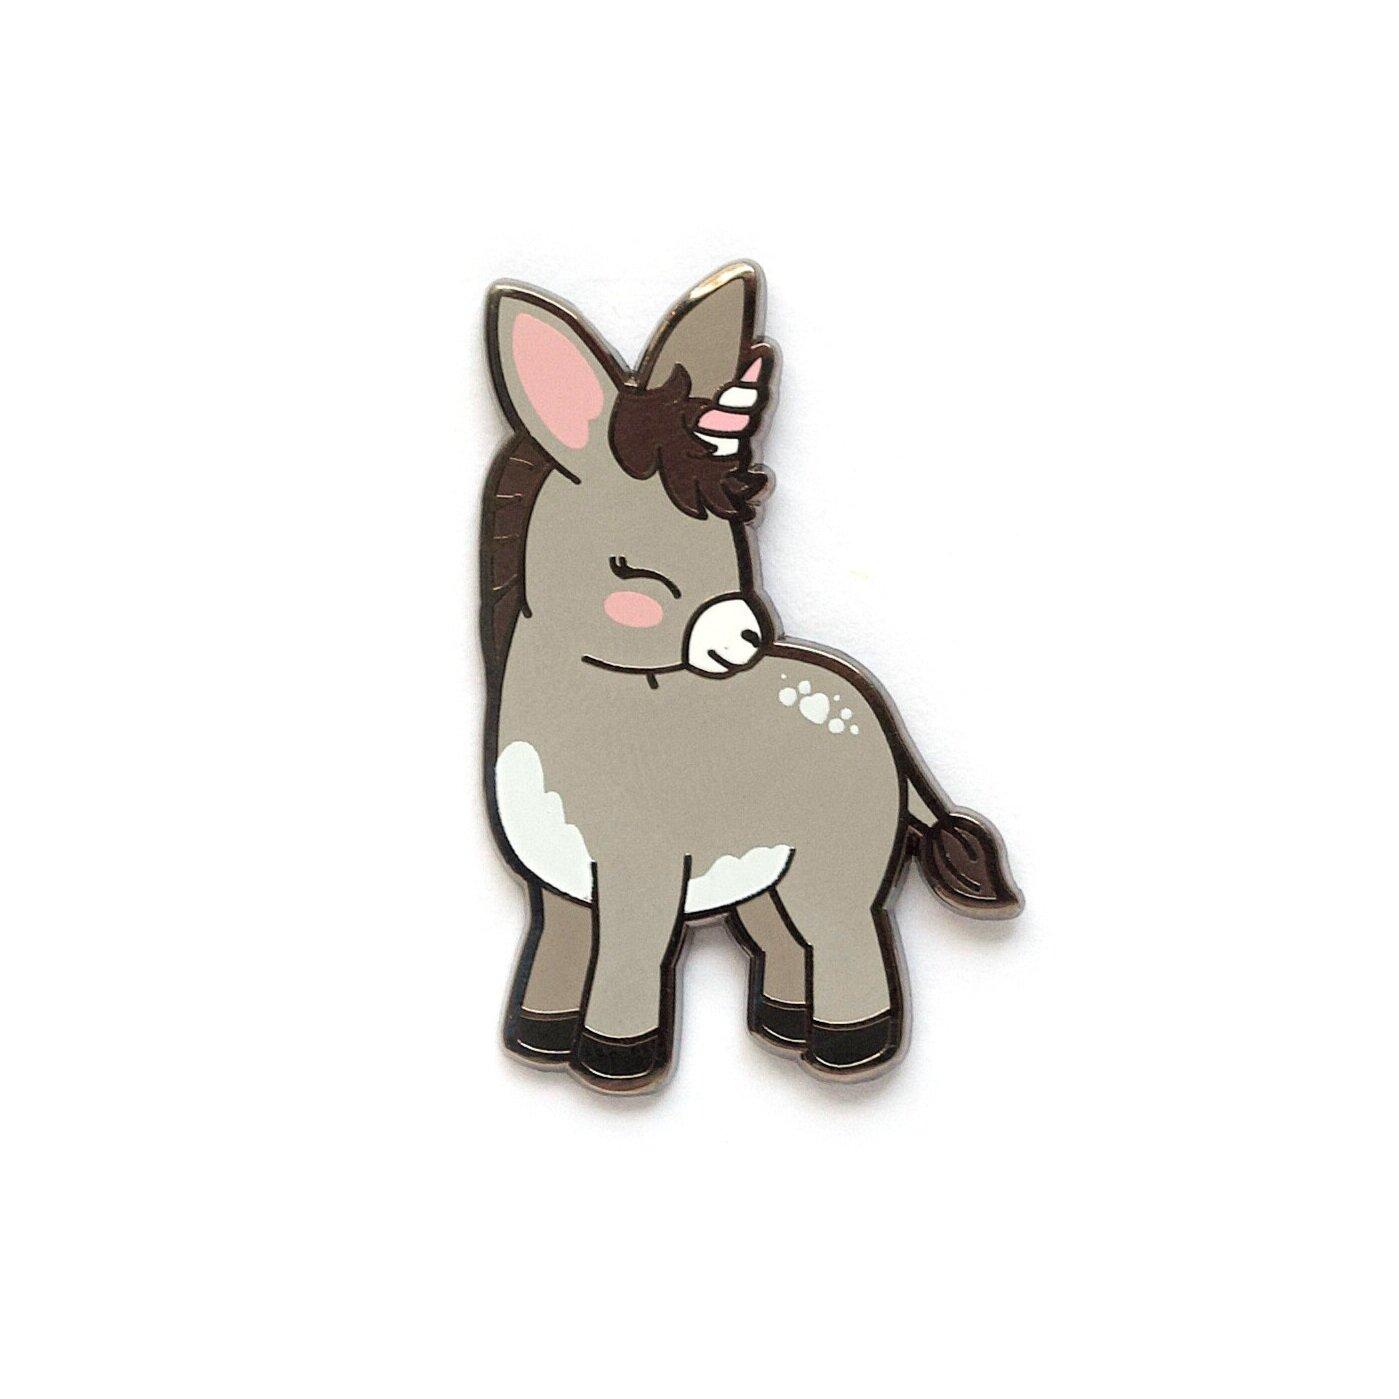 P44 - DonkeyCorn Pin